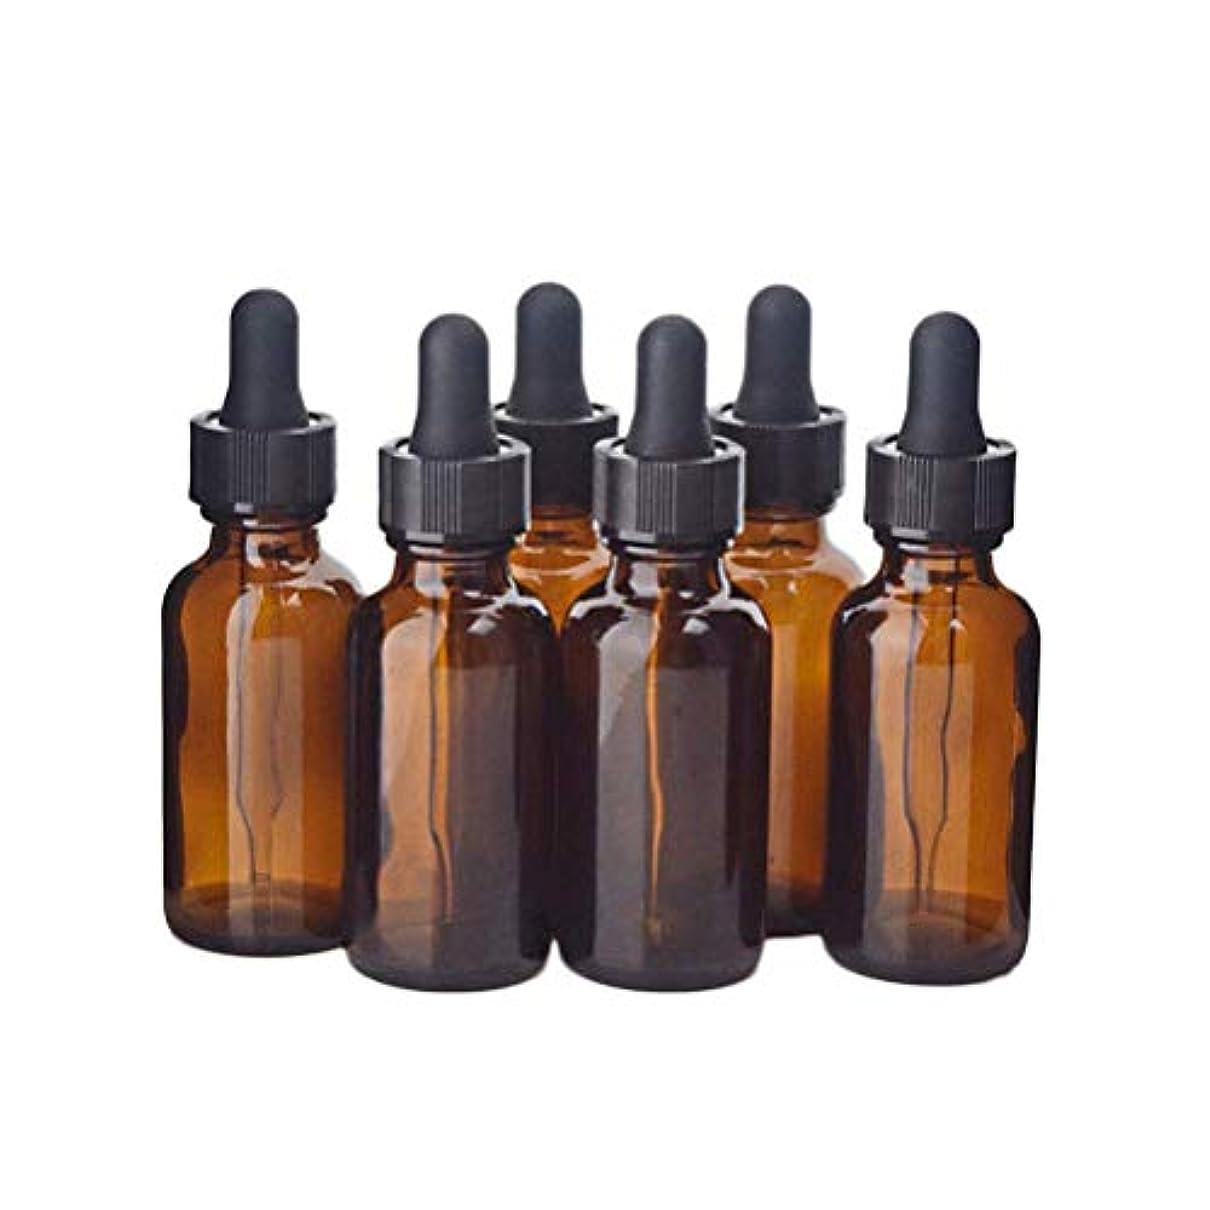 傾いた手足専ら遮光瓶 アロマオイル 精油 香水やアロマの保存 小分け用 遮光瓶 30ml 12本セット茶色